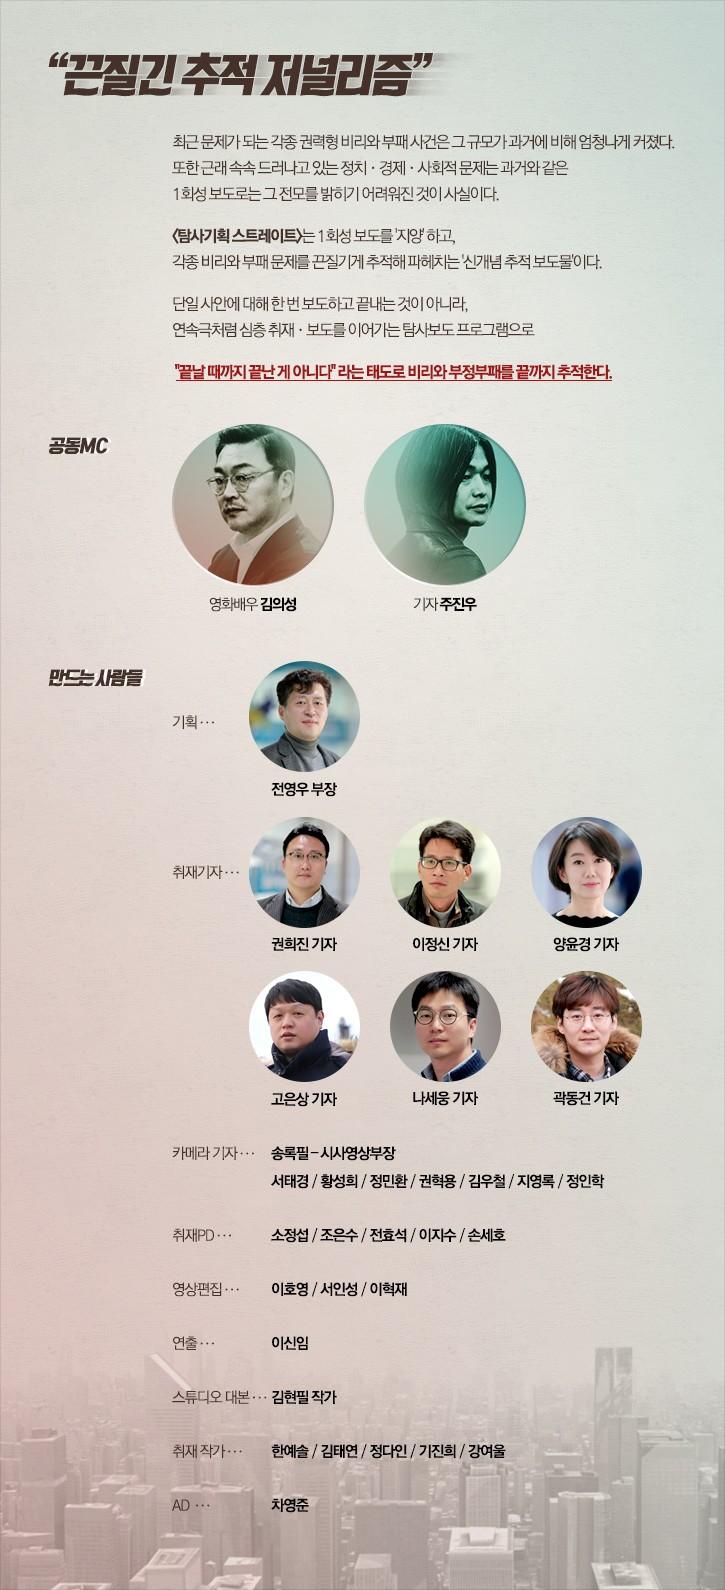 MBC 탐사기획 스트레이트는 주진우와 김의성이 공동 진행